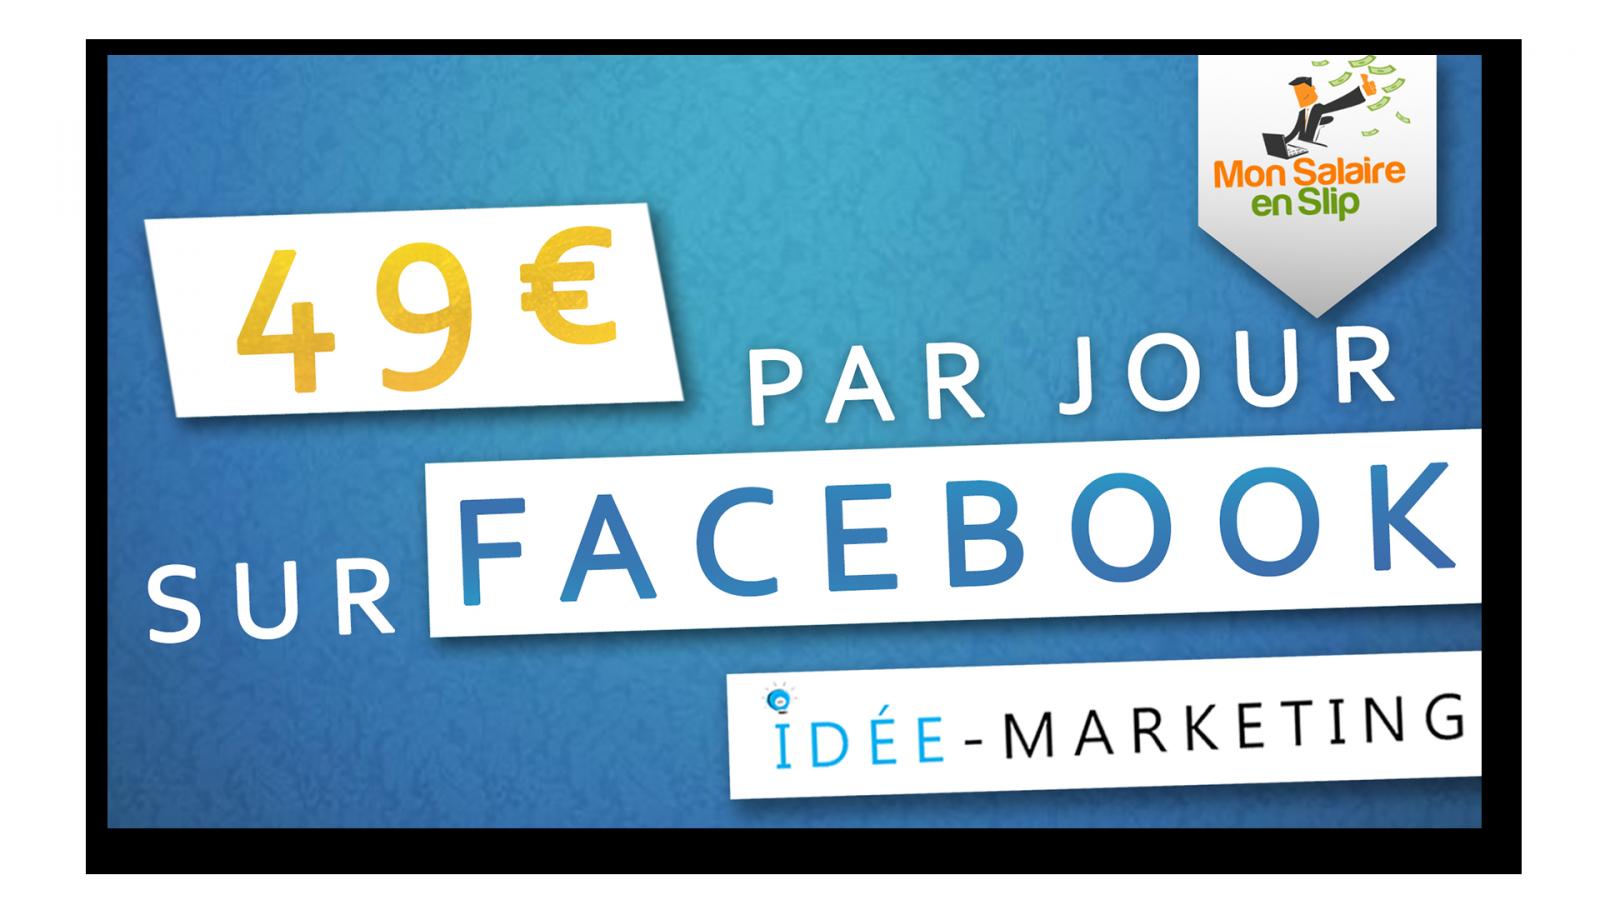 49€ par jour sur Facebook sans investir un sou !